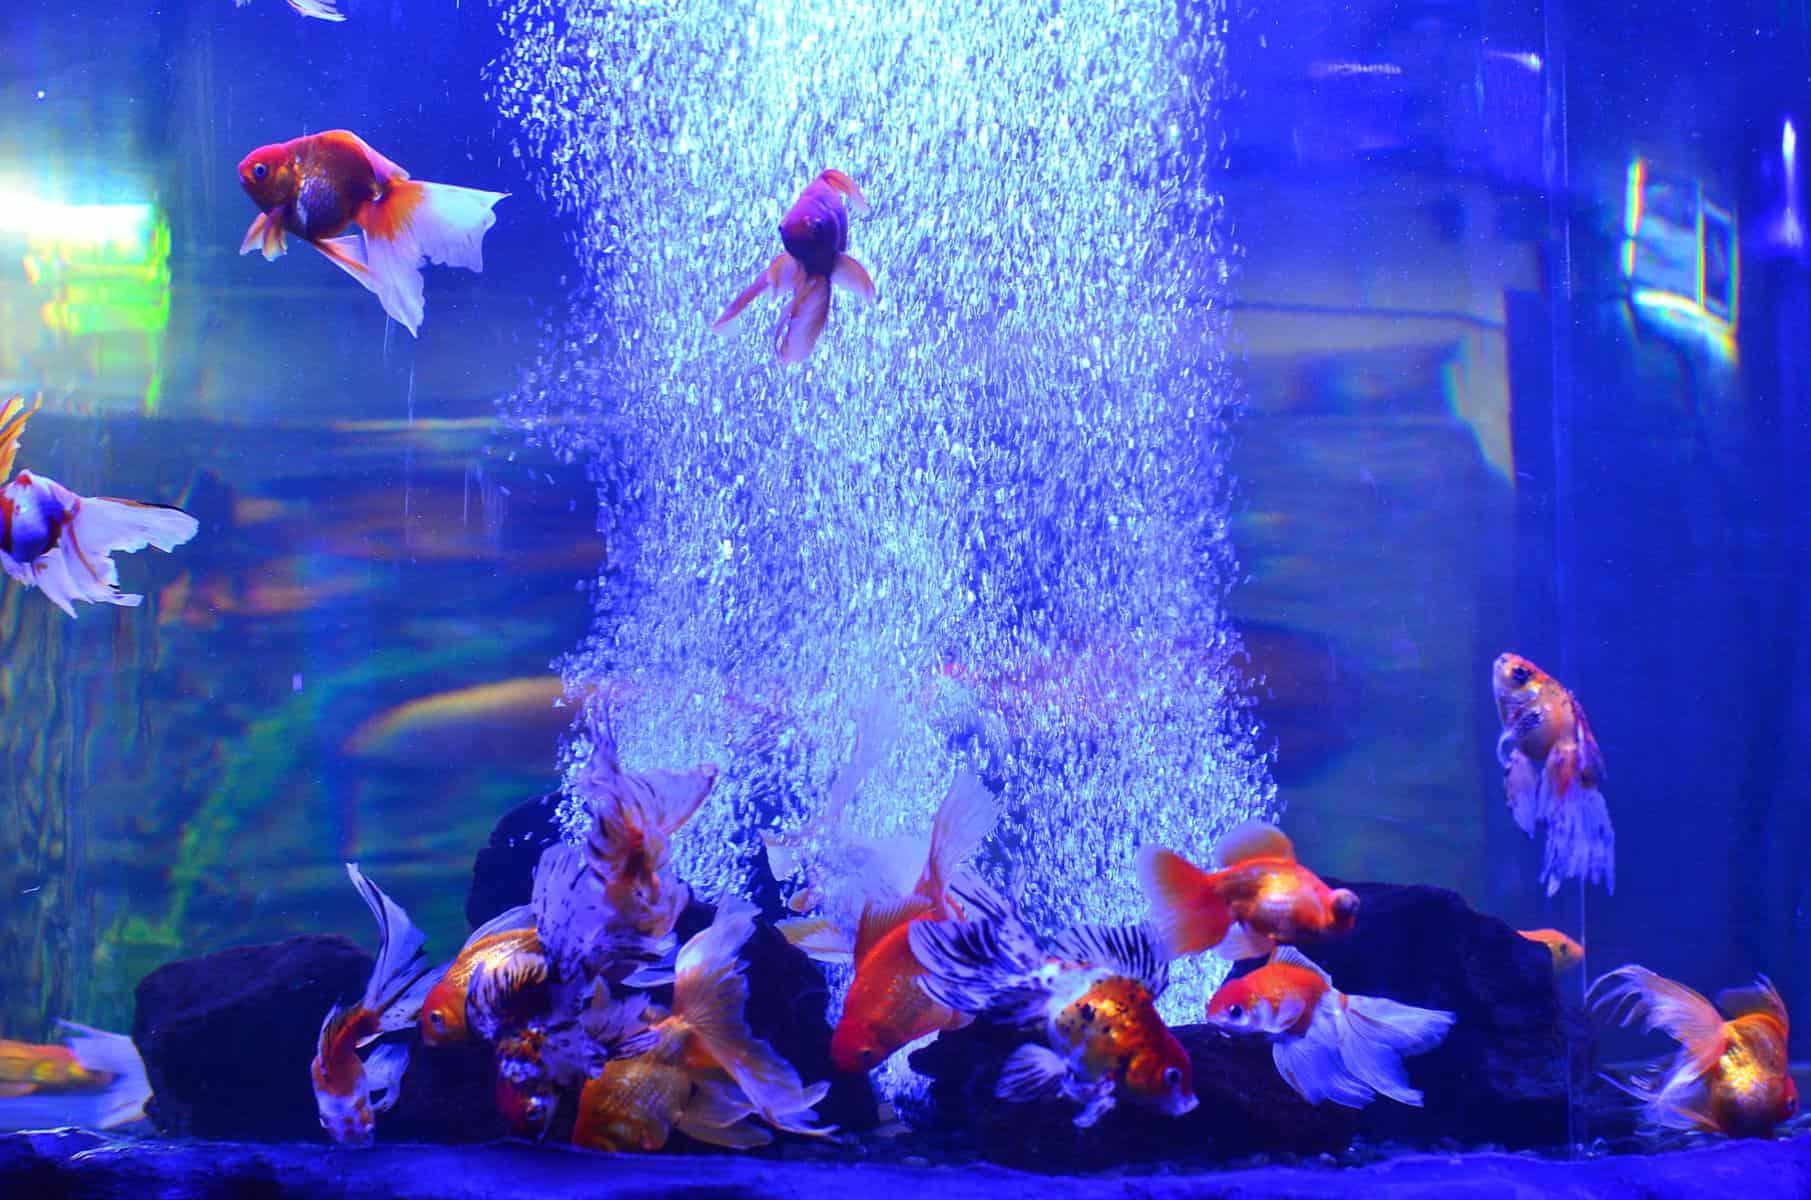 aquarium bubbles and fish